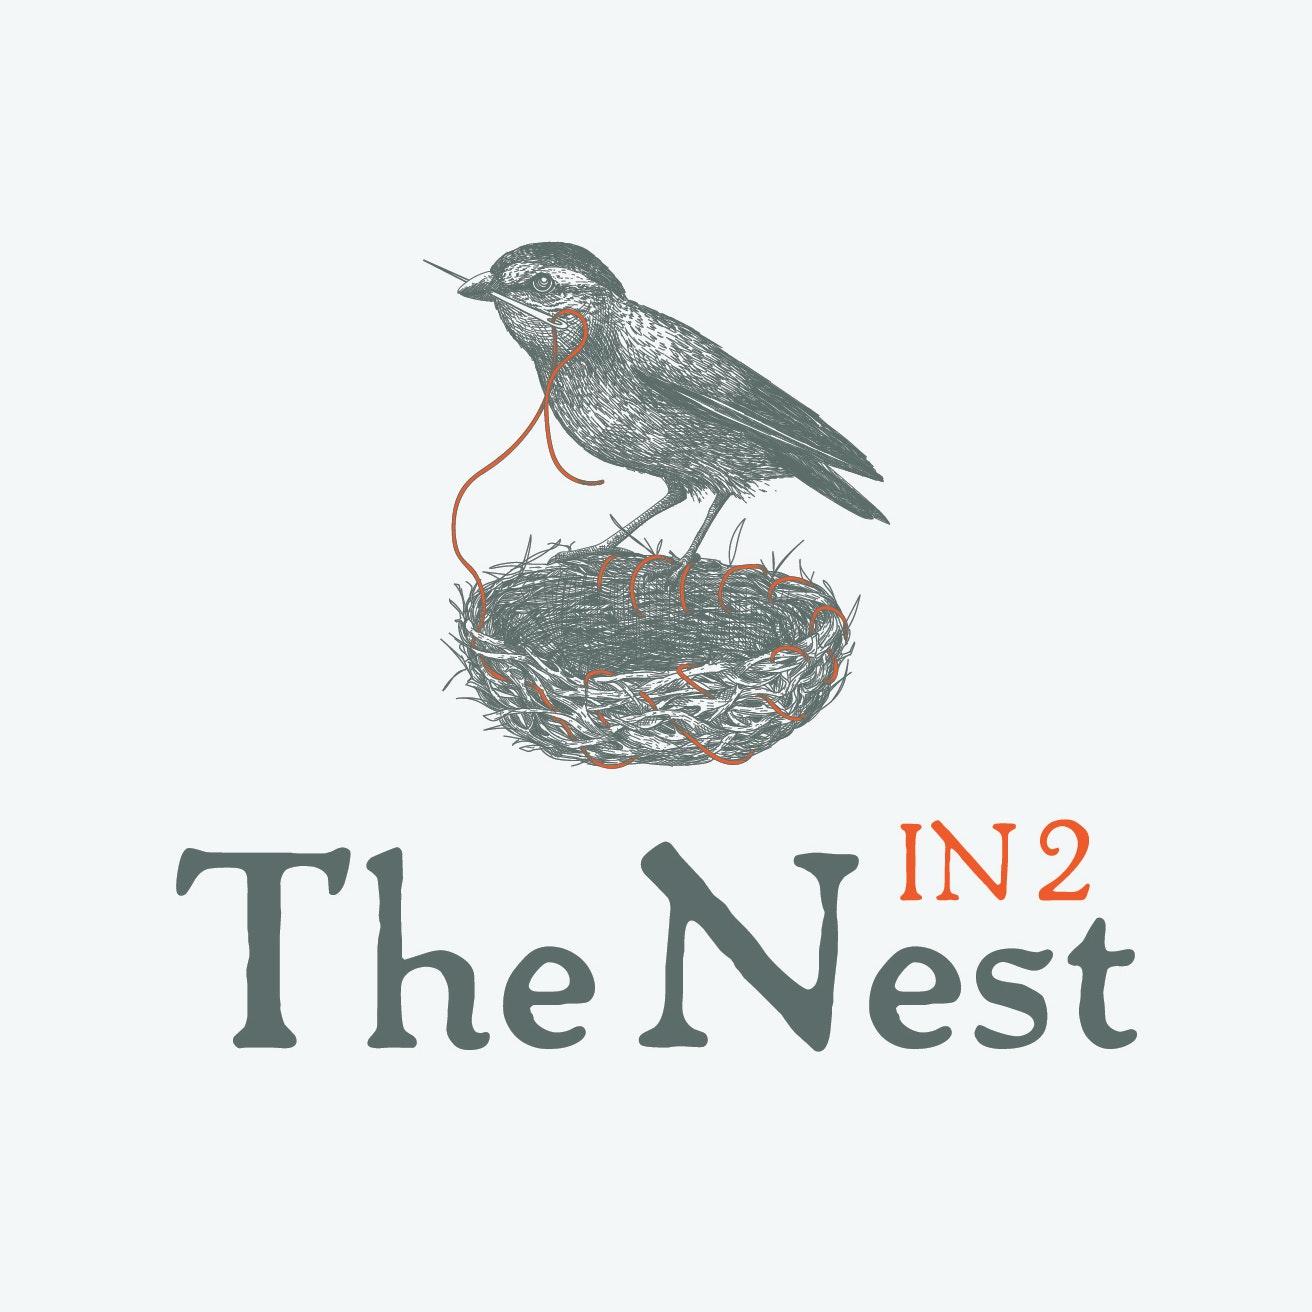 47 wildly inspiring animal logos